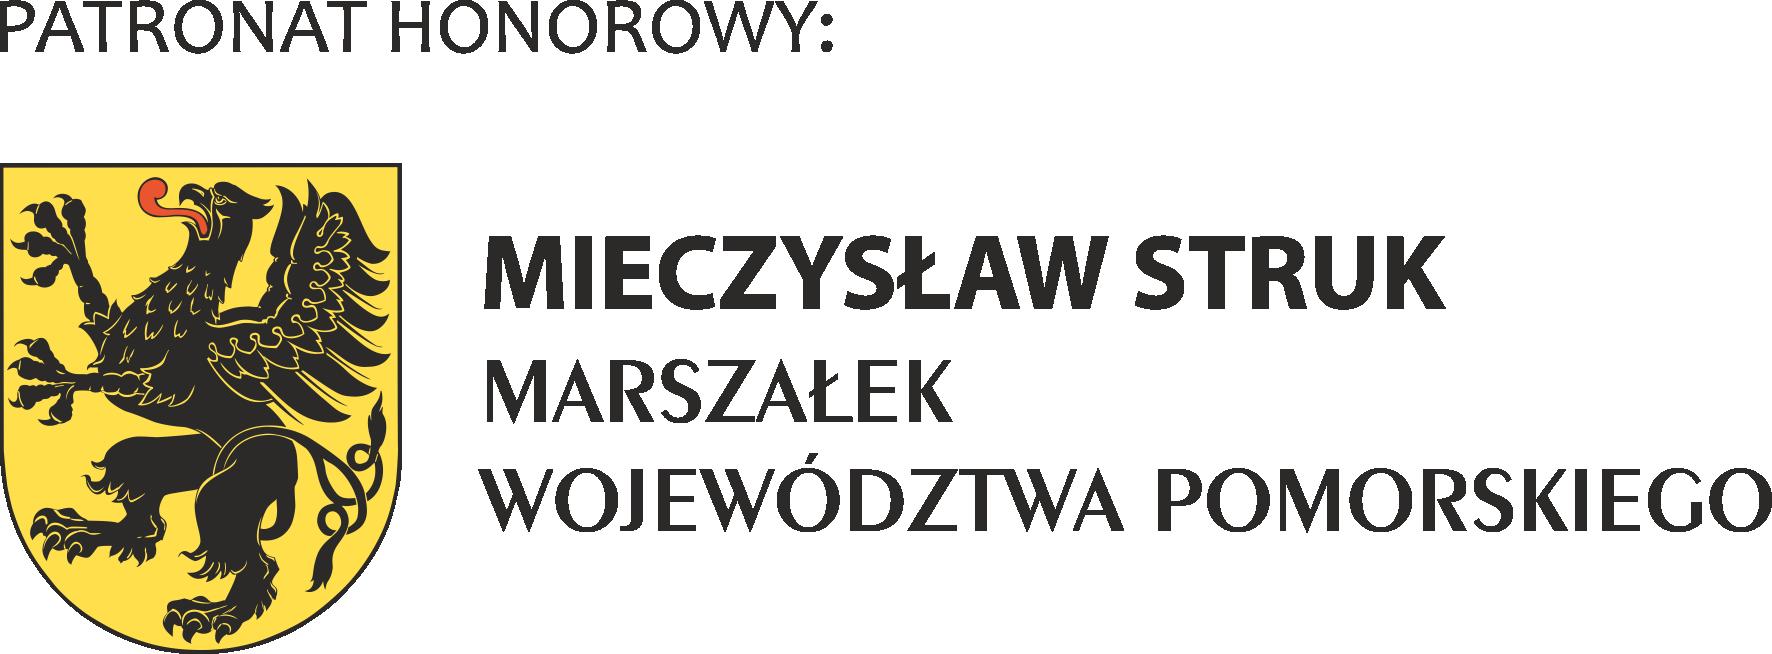 patronat-honorowy-marszalek-wojewodztwa-pomorskiego-poziom-prawa-rgb-only-for-web-2012